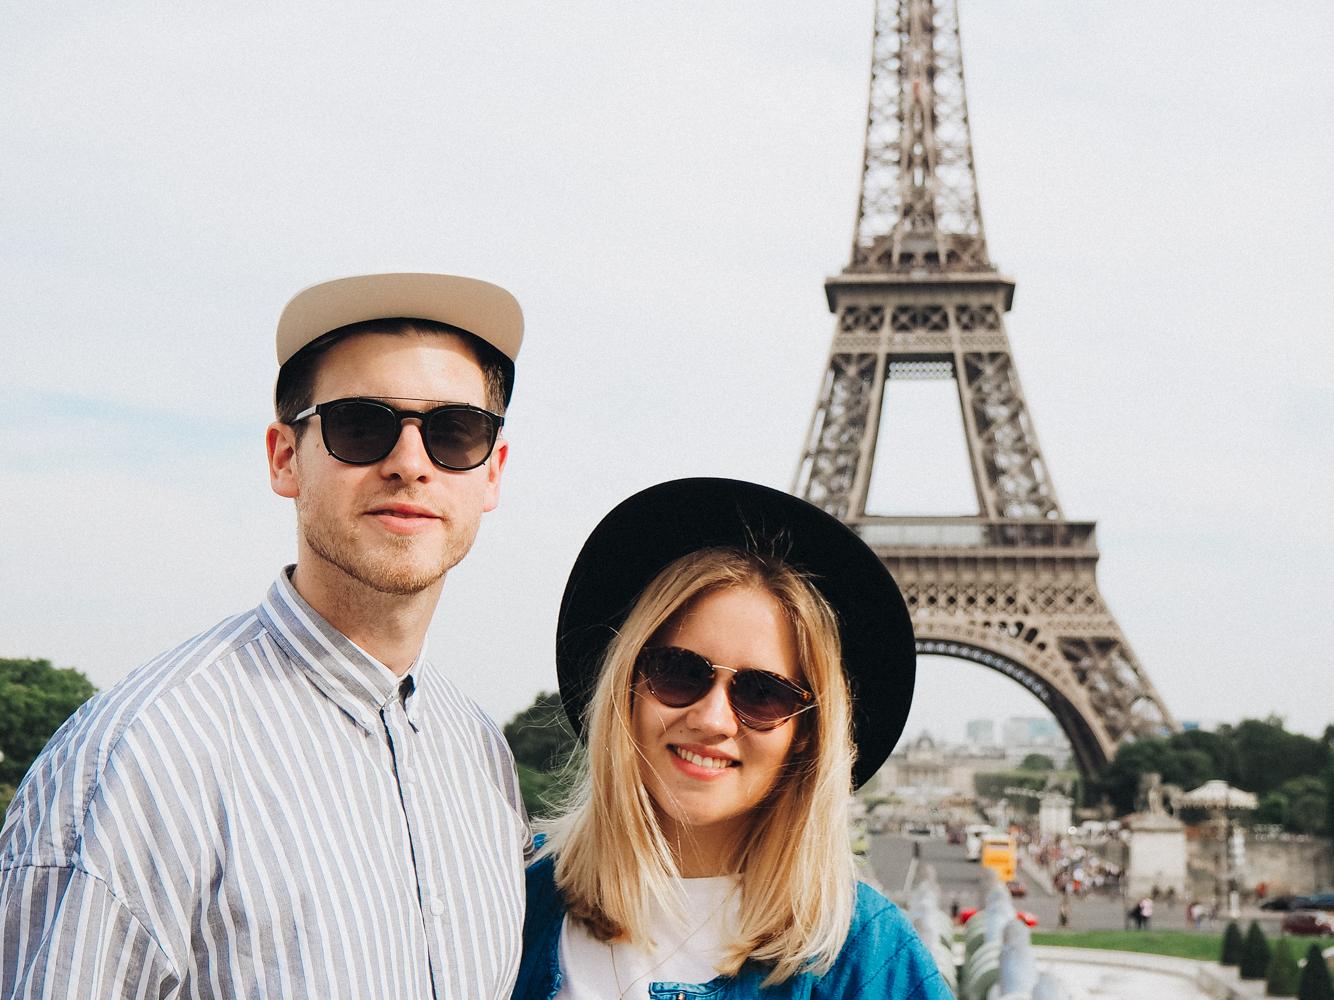 pärchen reisen tipps lifestyleblog travel reiseblog sophiehearts wien vienna